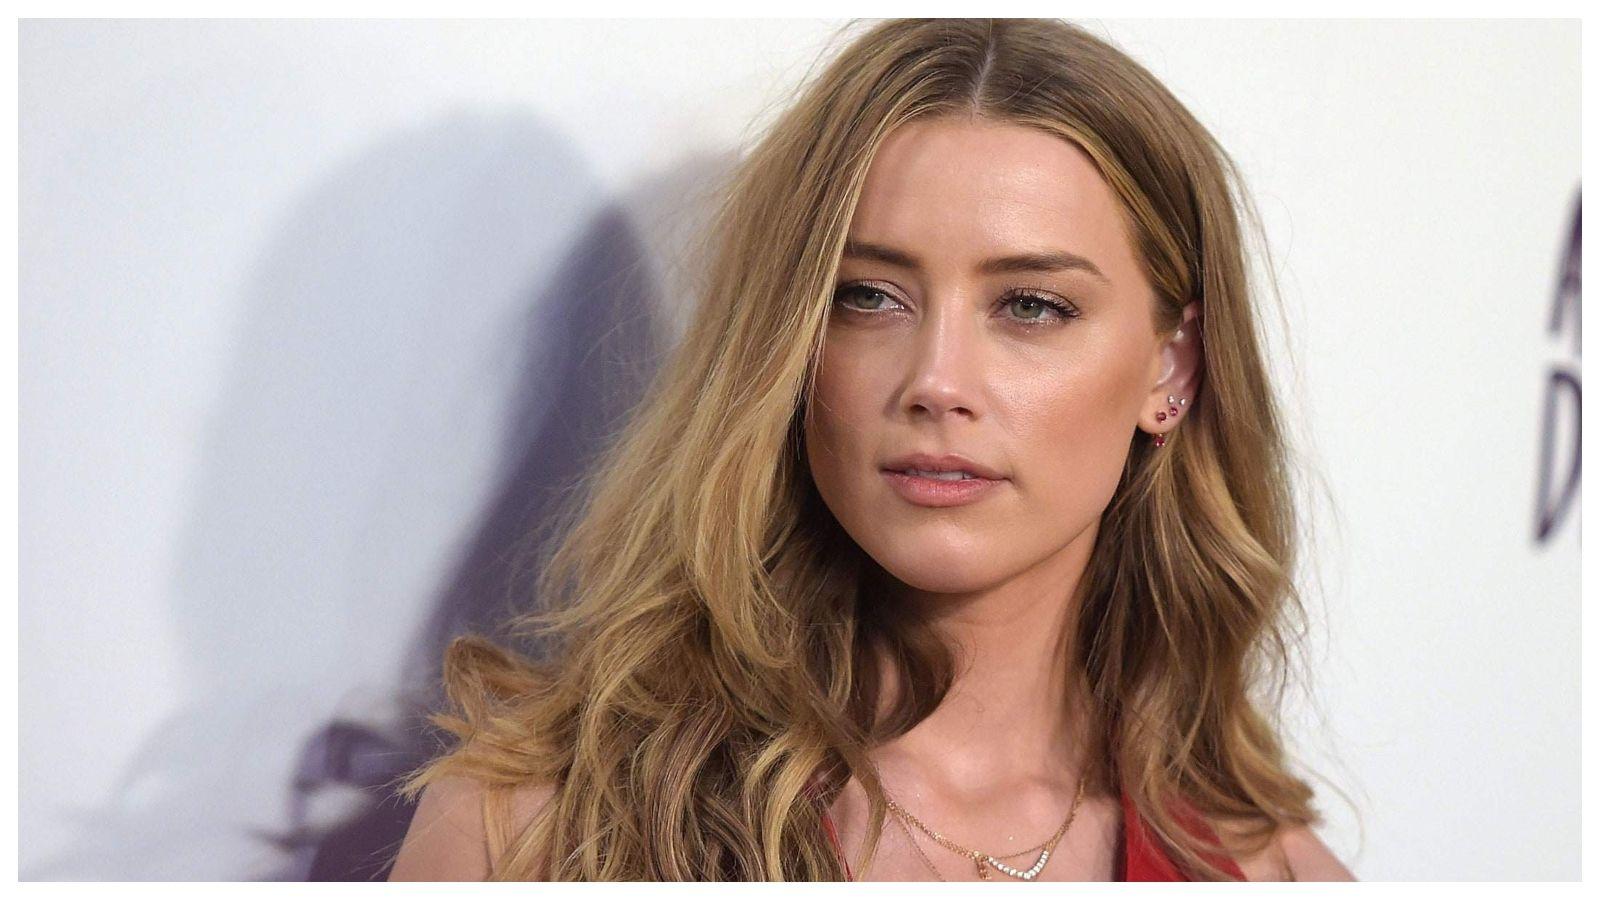 أمبر هيرد تخلف وعدها بالتبرع بمبلغ ٧ مليون دولار واتهامات بأنها باحثة عن الأموال فقط In 2021 Beauty People Long Hair Styles Hair Styles